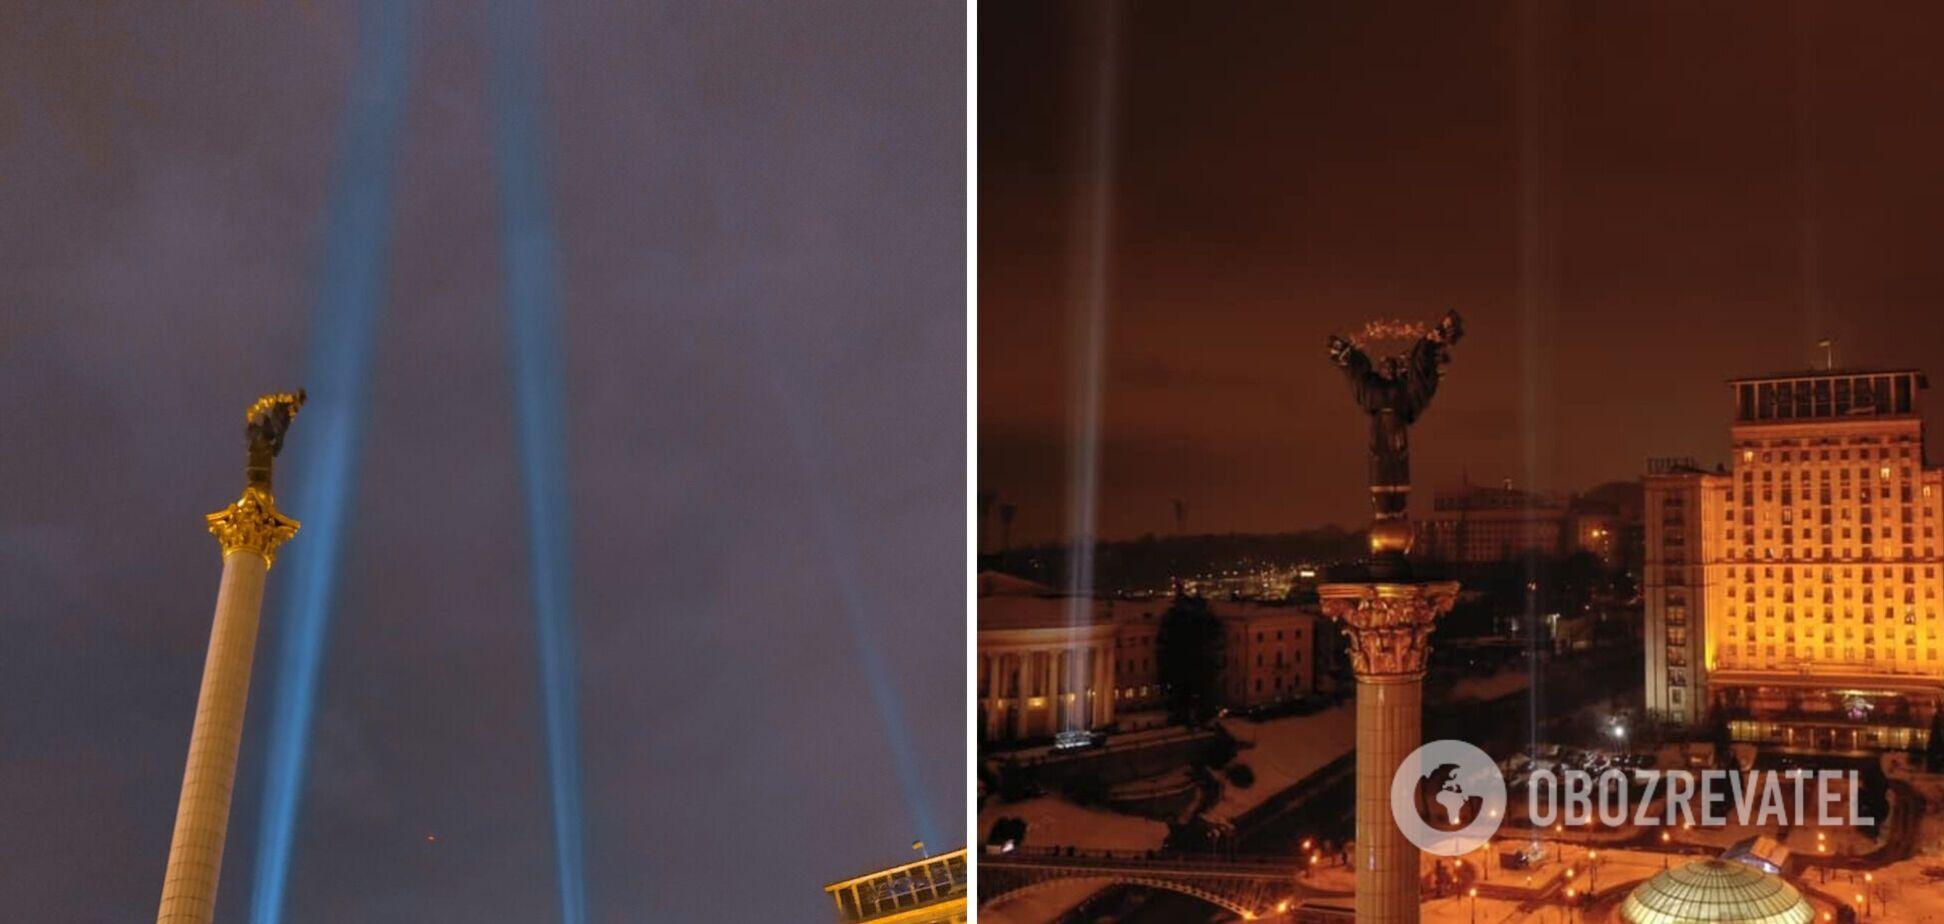 У Києві запалили Промені гідності в пам'ять про Небесну сотню. Фото і відео